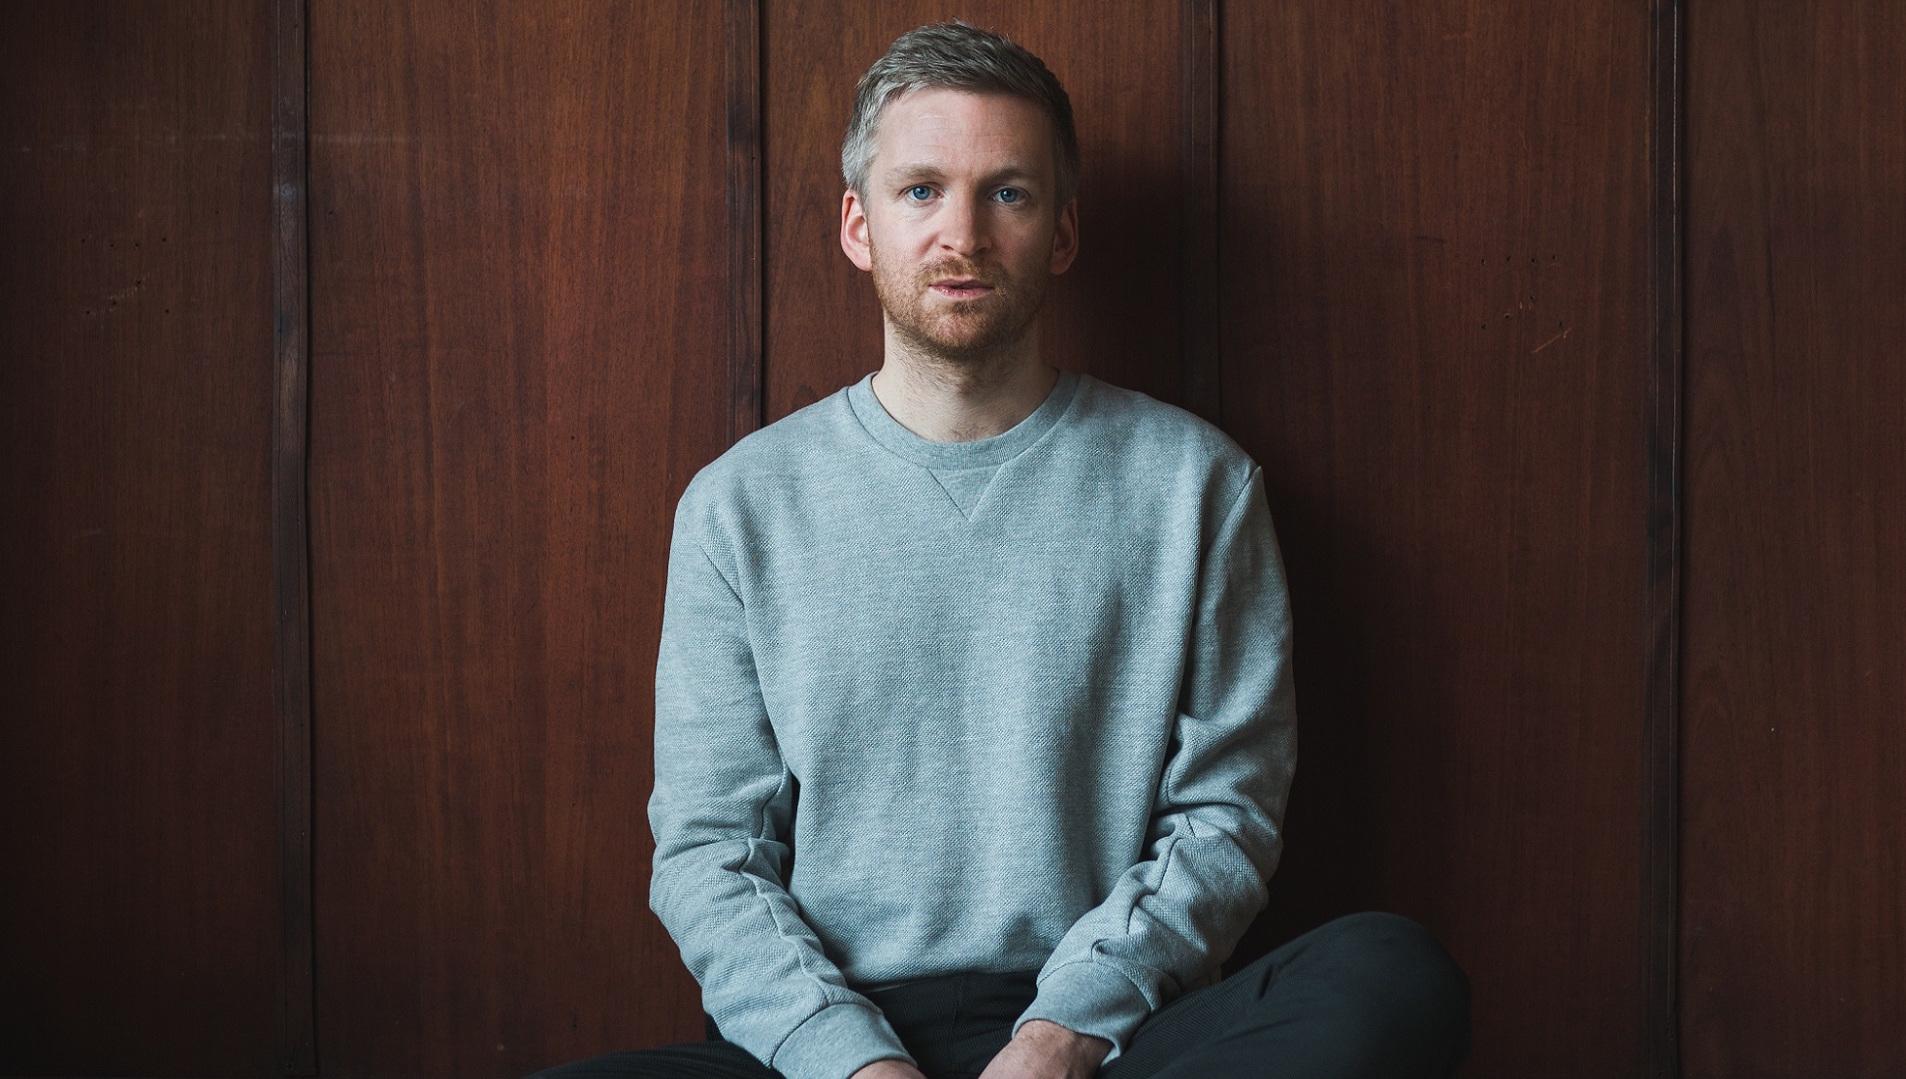 Ólafur Arnalds announces new album 're:member' with gorgeous video for new single 'unfold' ft SOHN